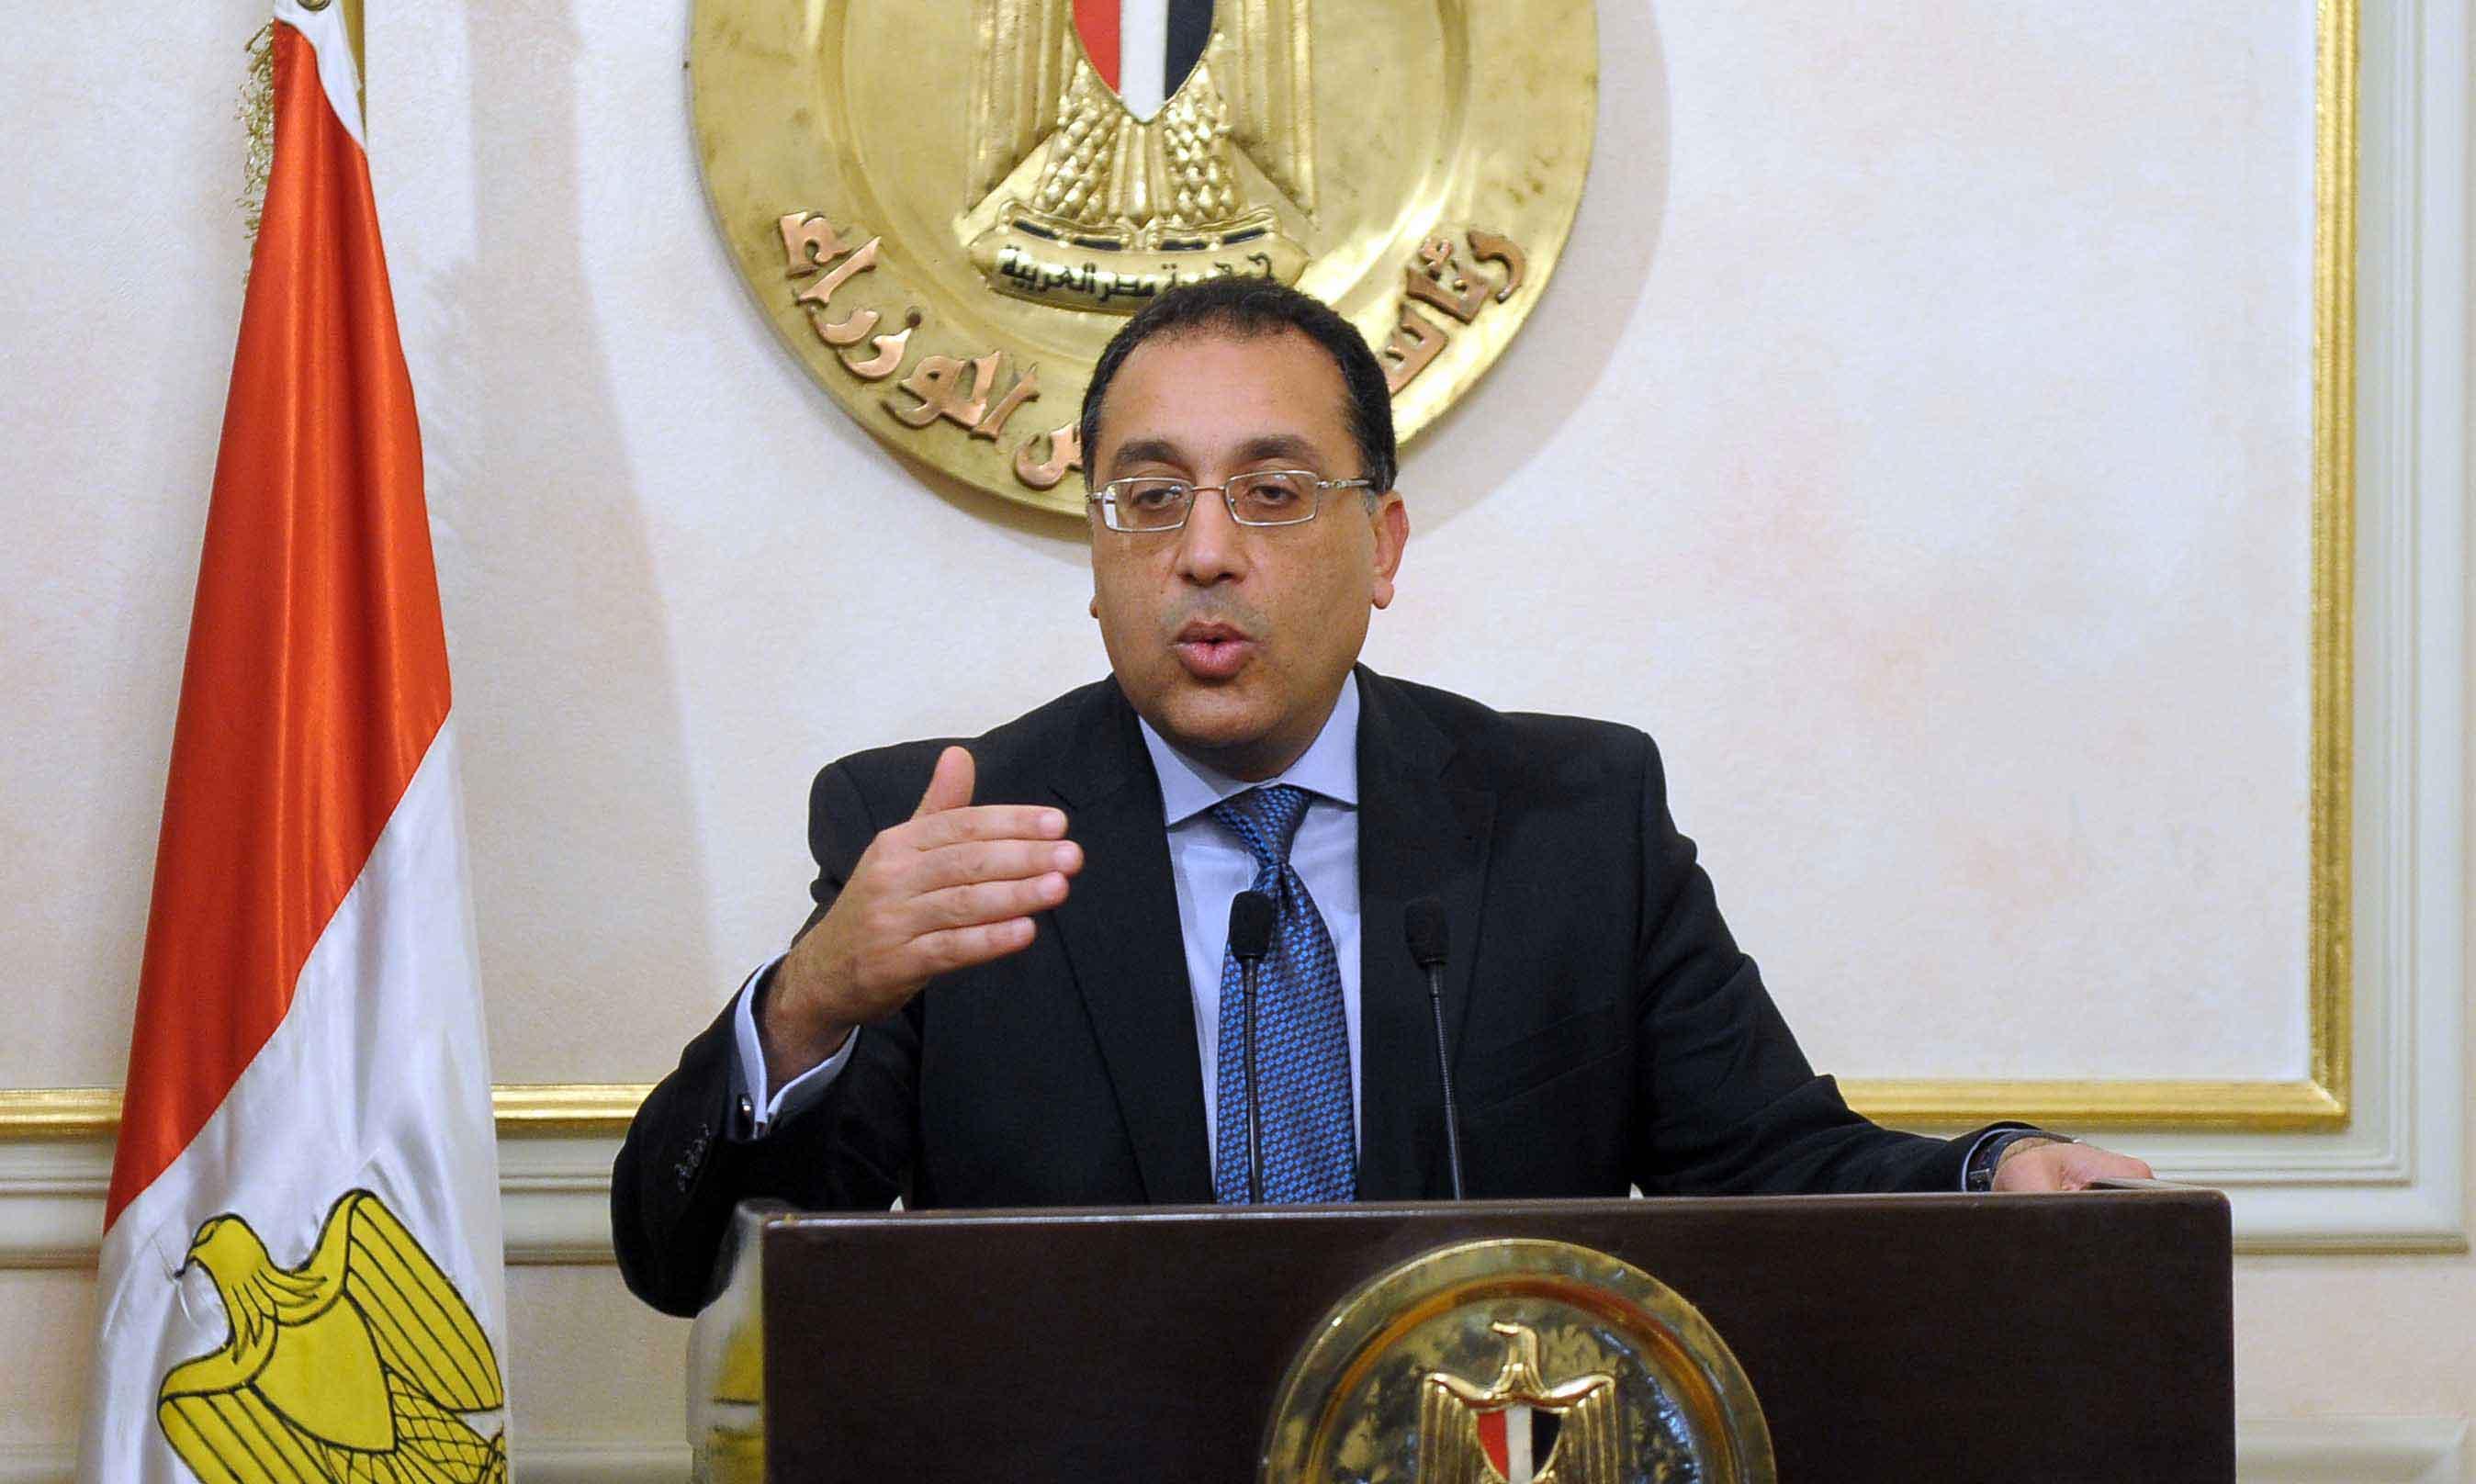 صورة وزير الإسكان: بدء طرح أراضي العاصمة الإدارية الجديدة للبيع 12 فبراير الجاري